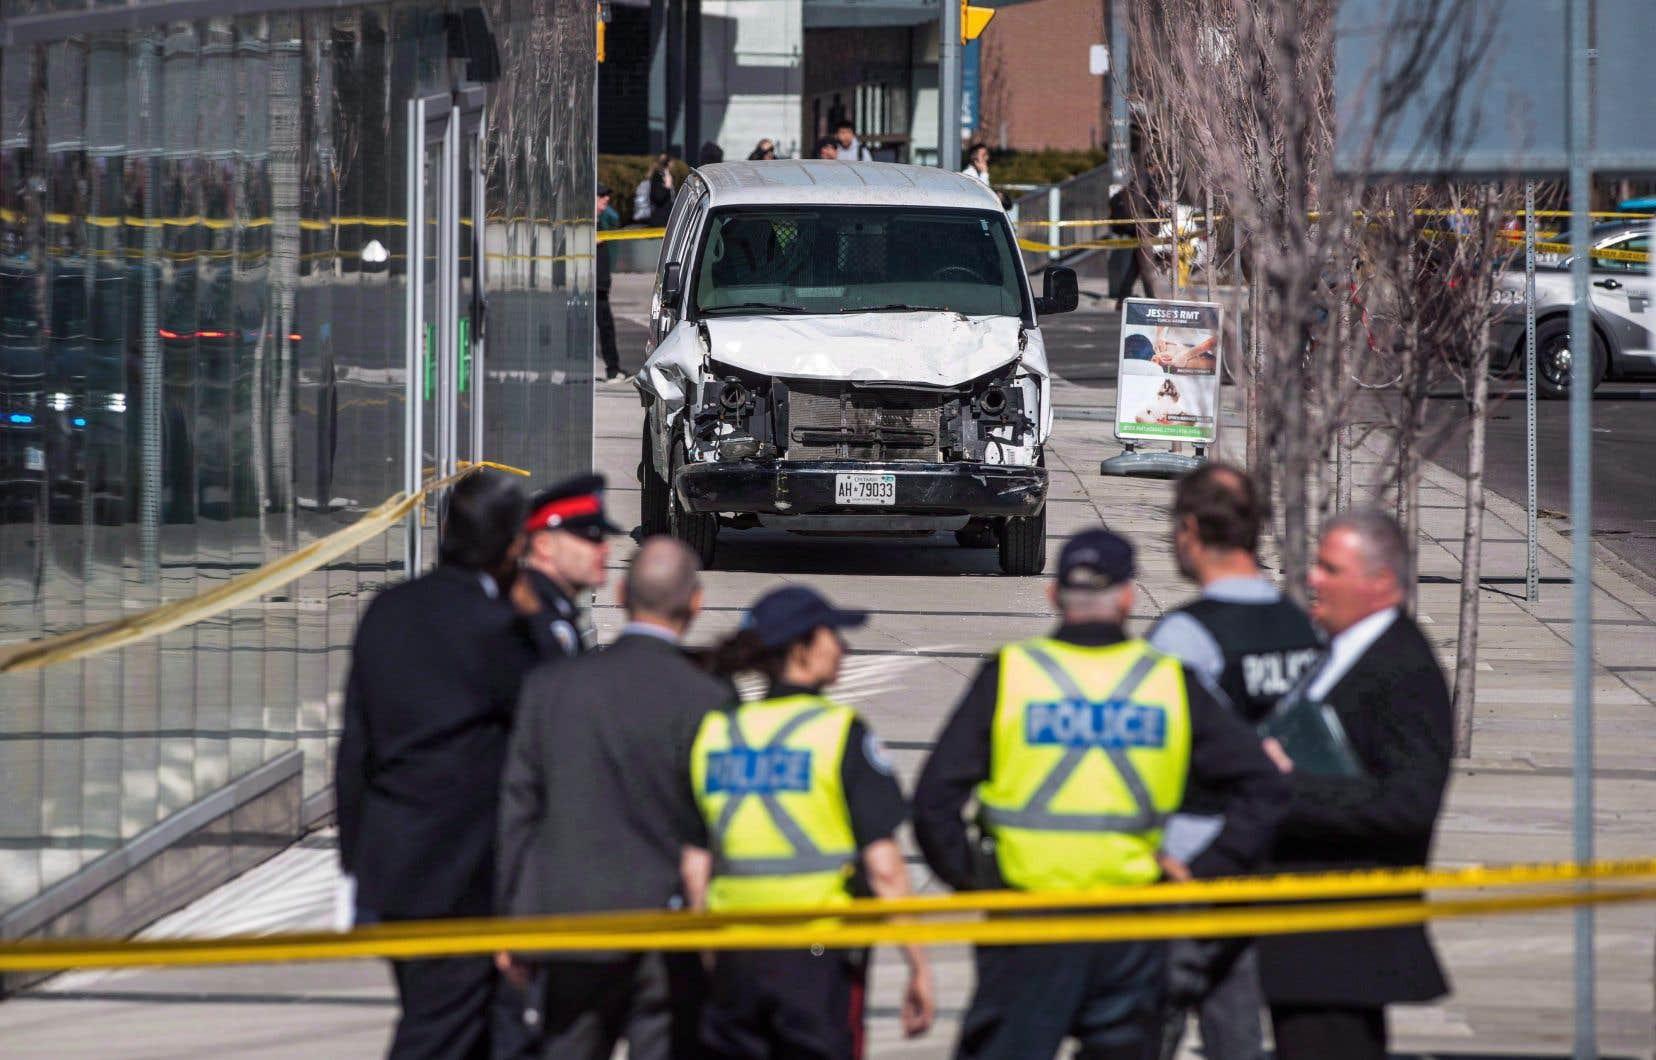 Lors de l'attaque au camion-bélier, huit femmes et deux hommes, âgés de 22 à 94ans, ont été tués sur les trottoirs du nord de Toronto. Seize personnes ont aussi été blessées.